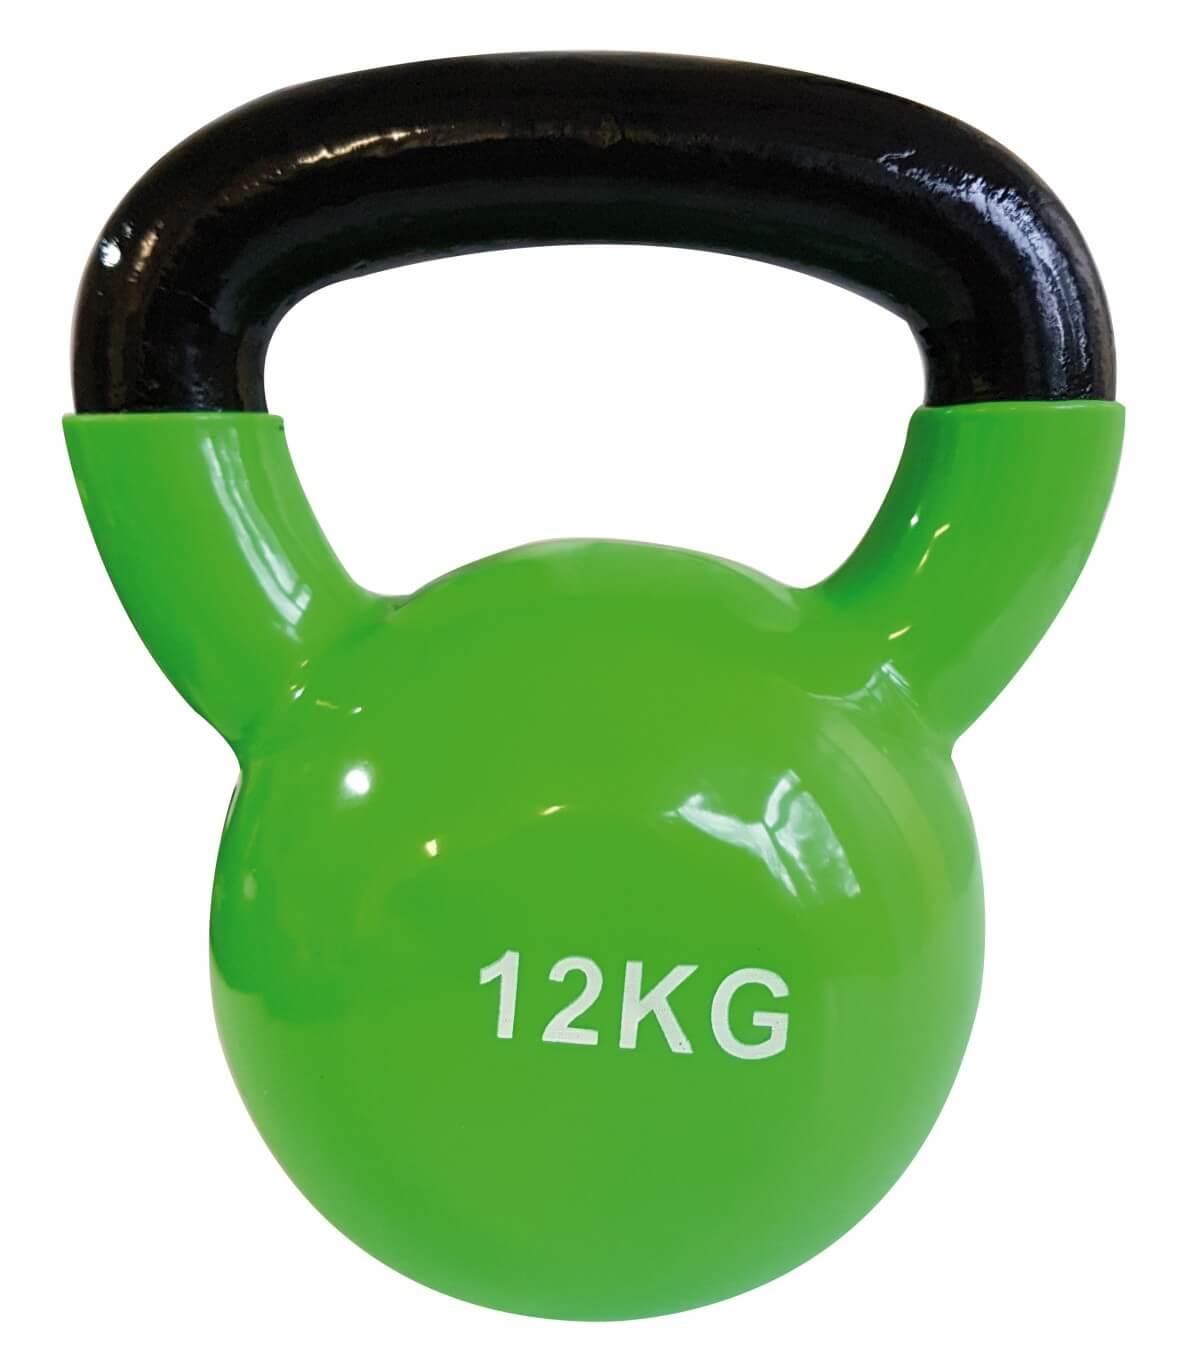 Kettlebell 12kg